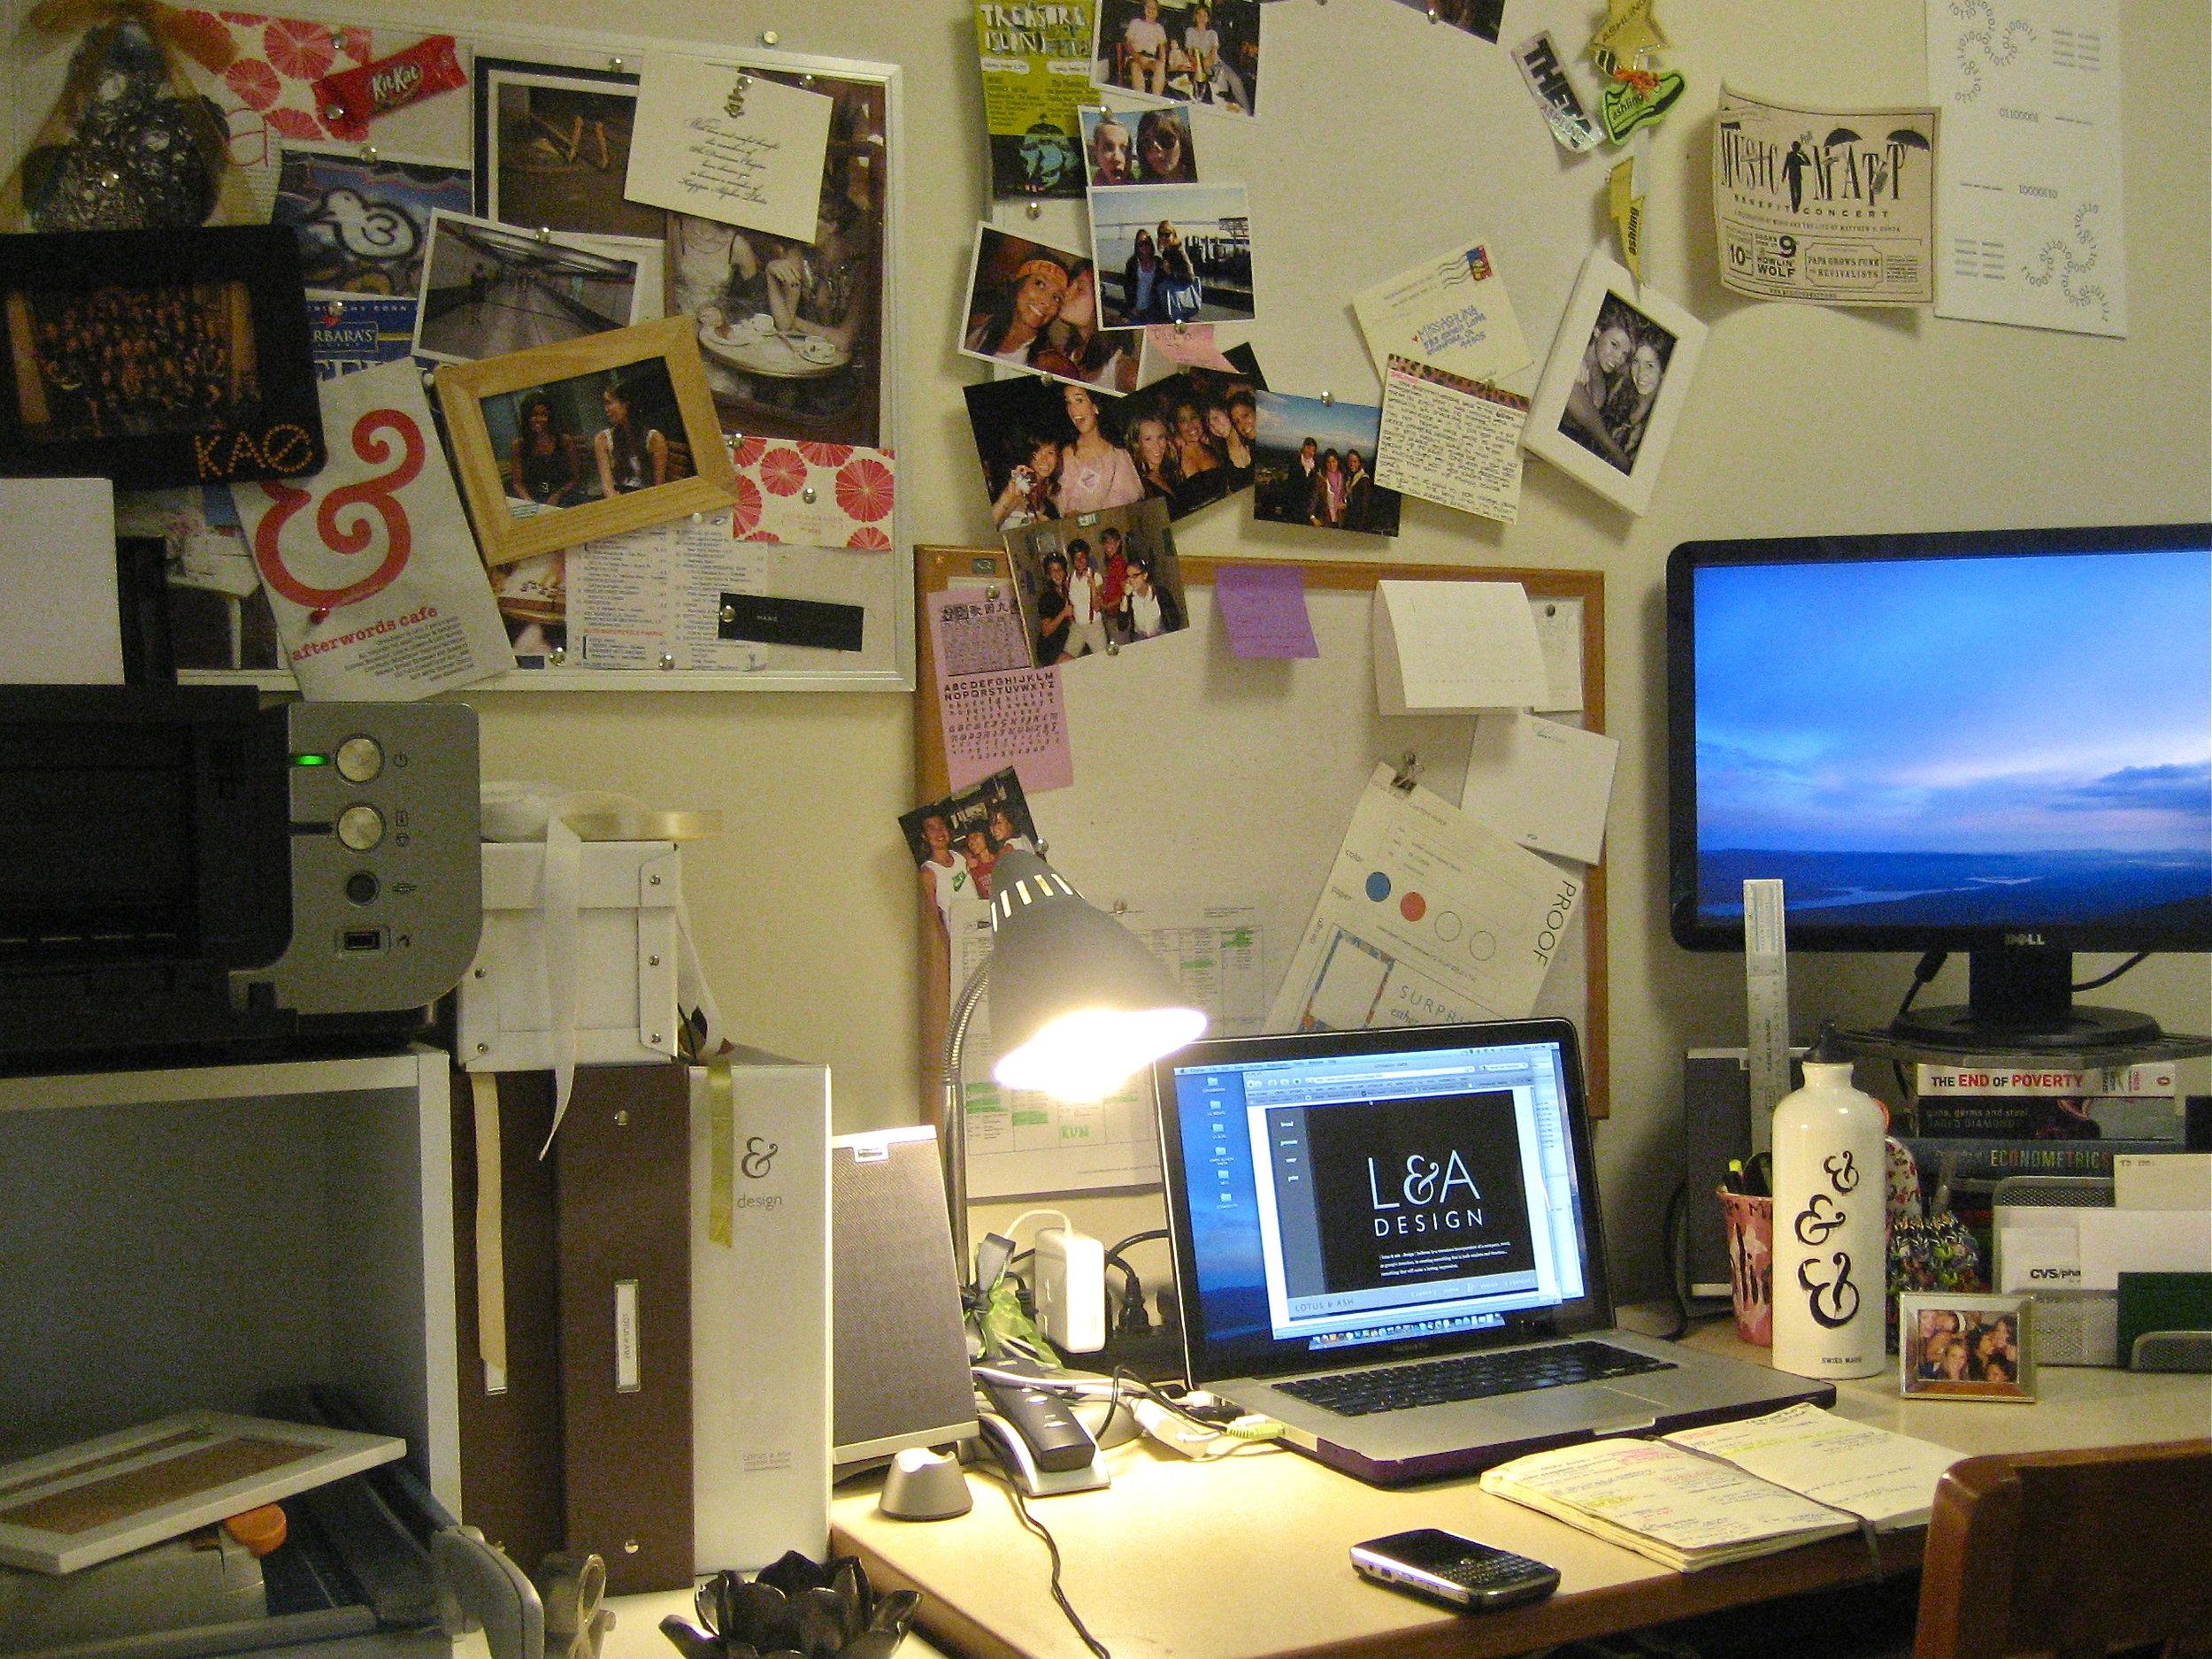 2008: Stanford dorm room turned design studio